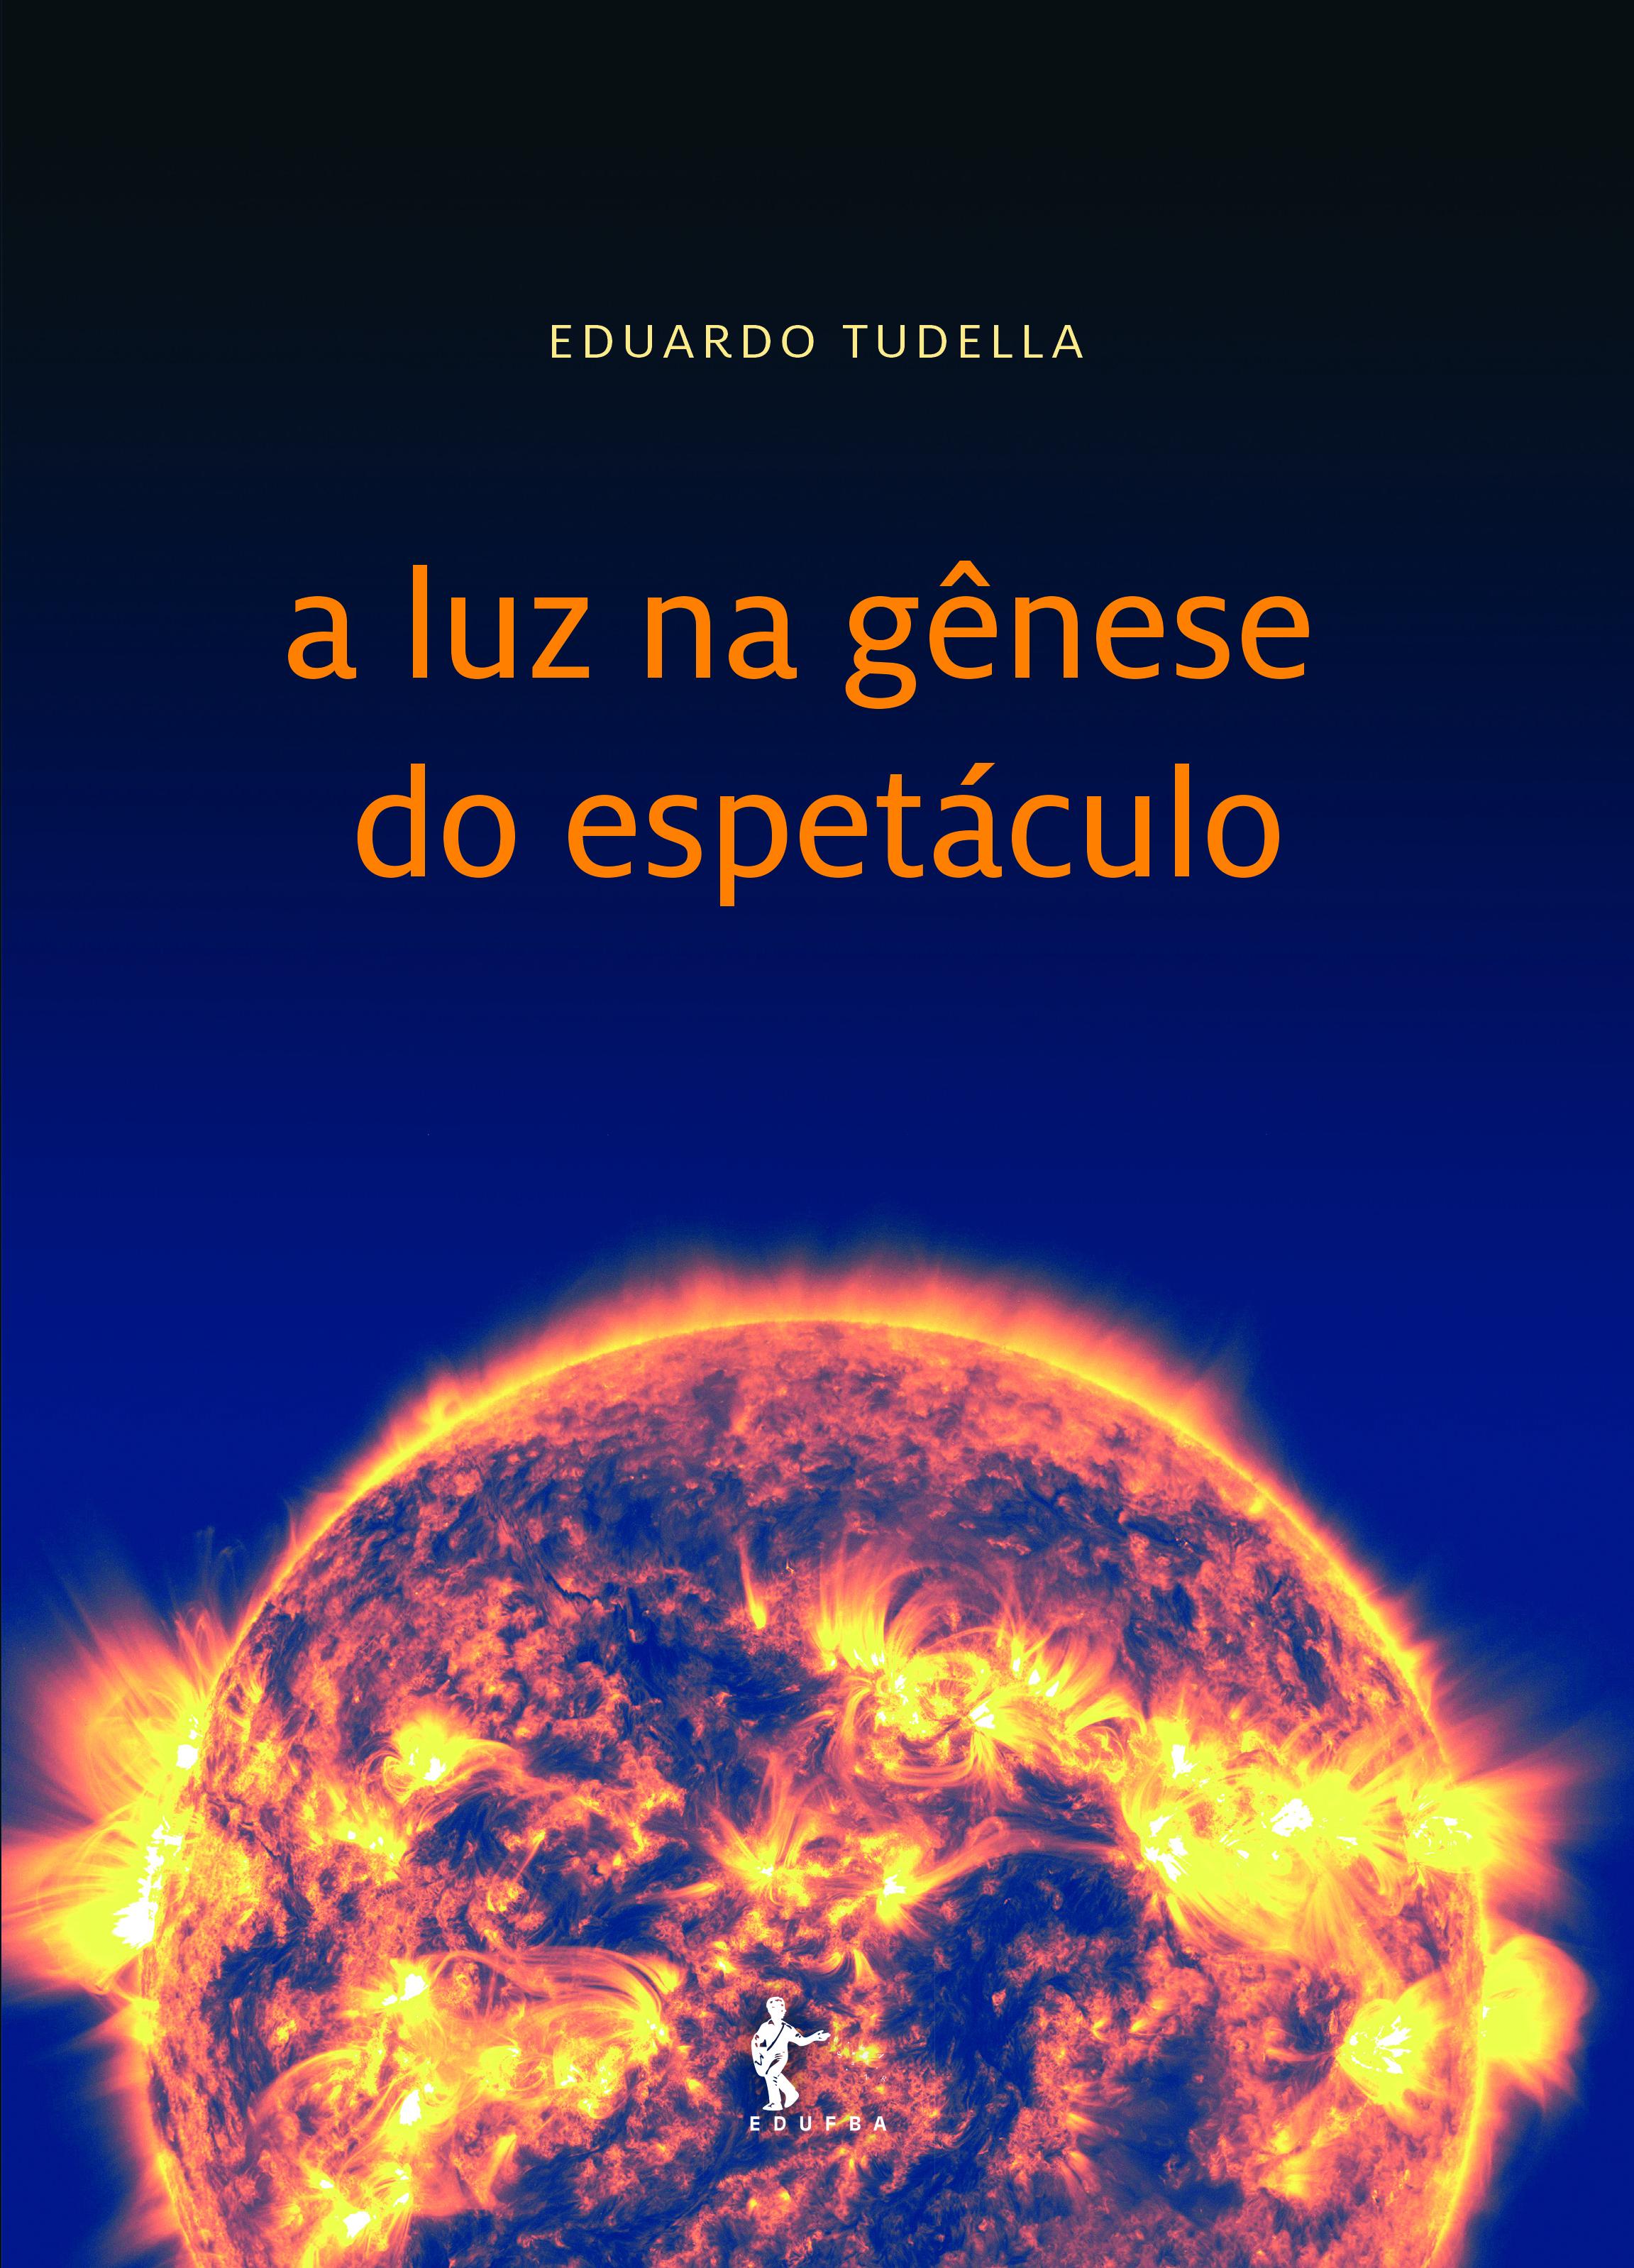 A luz na gênese do espetáculo, livro de Eduardo Tudella